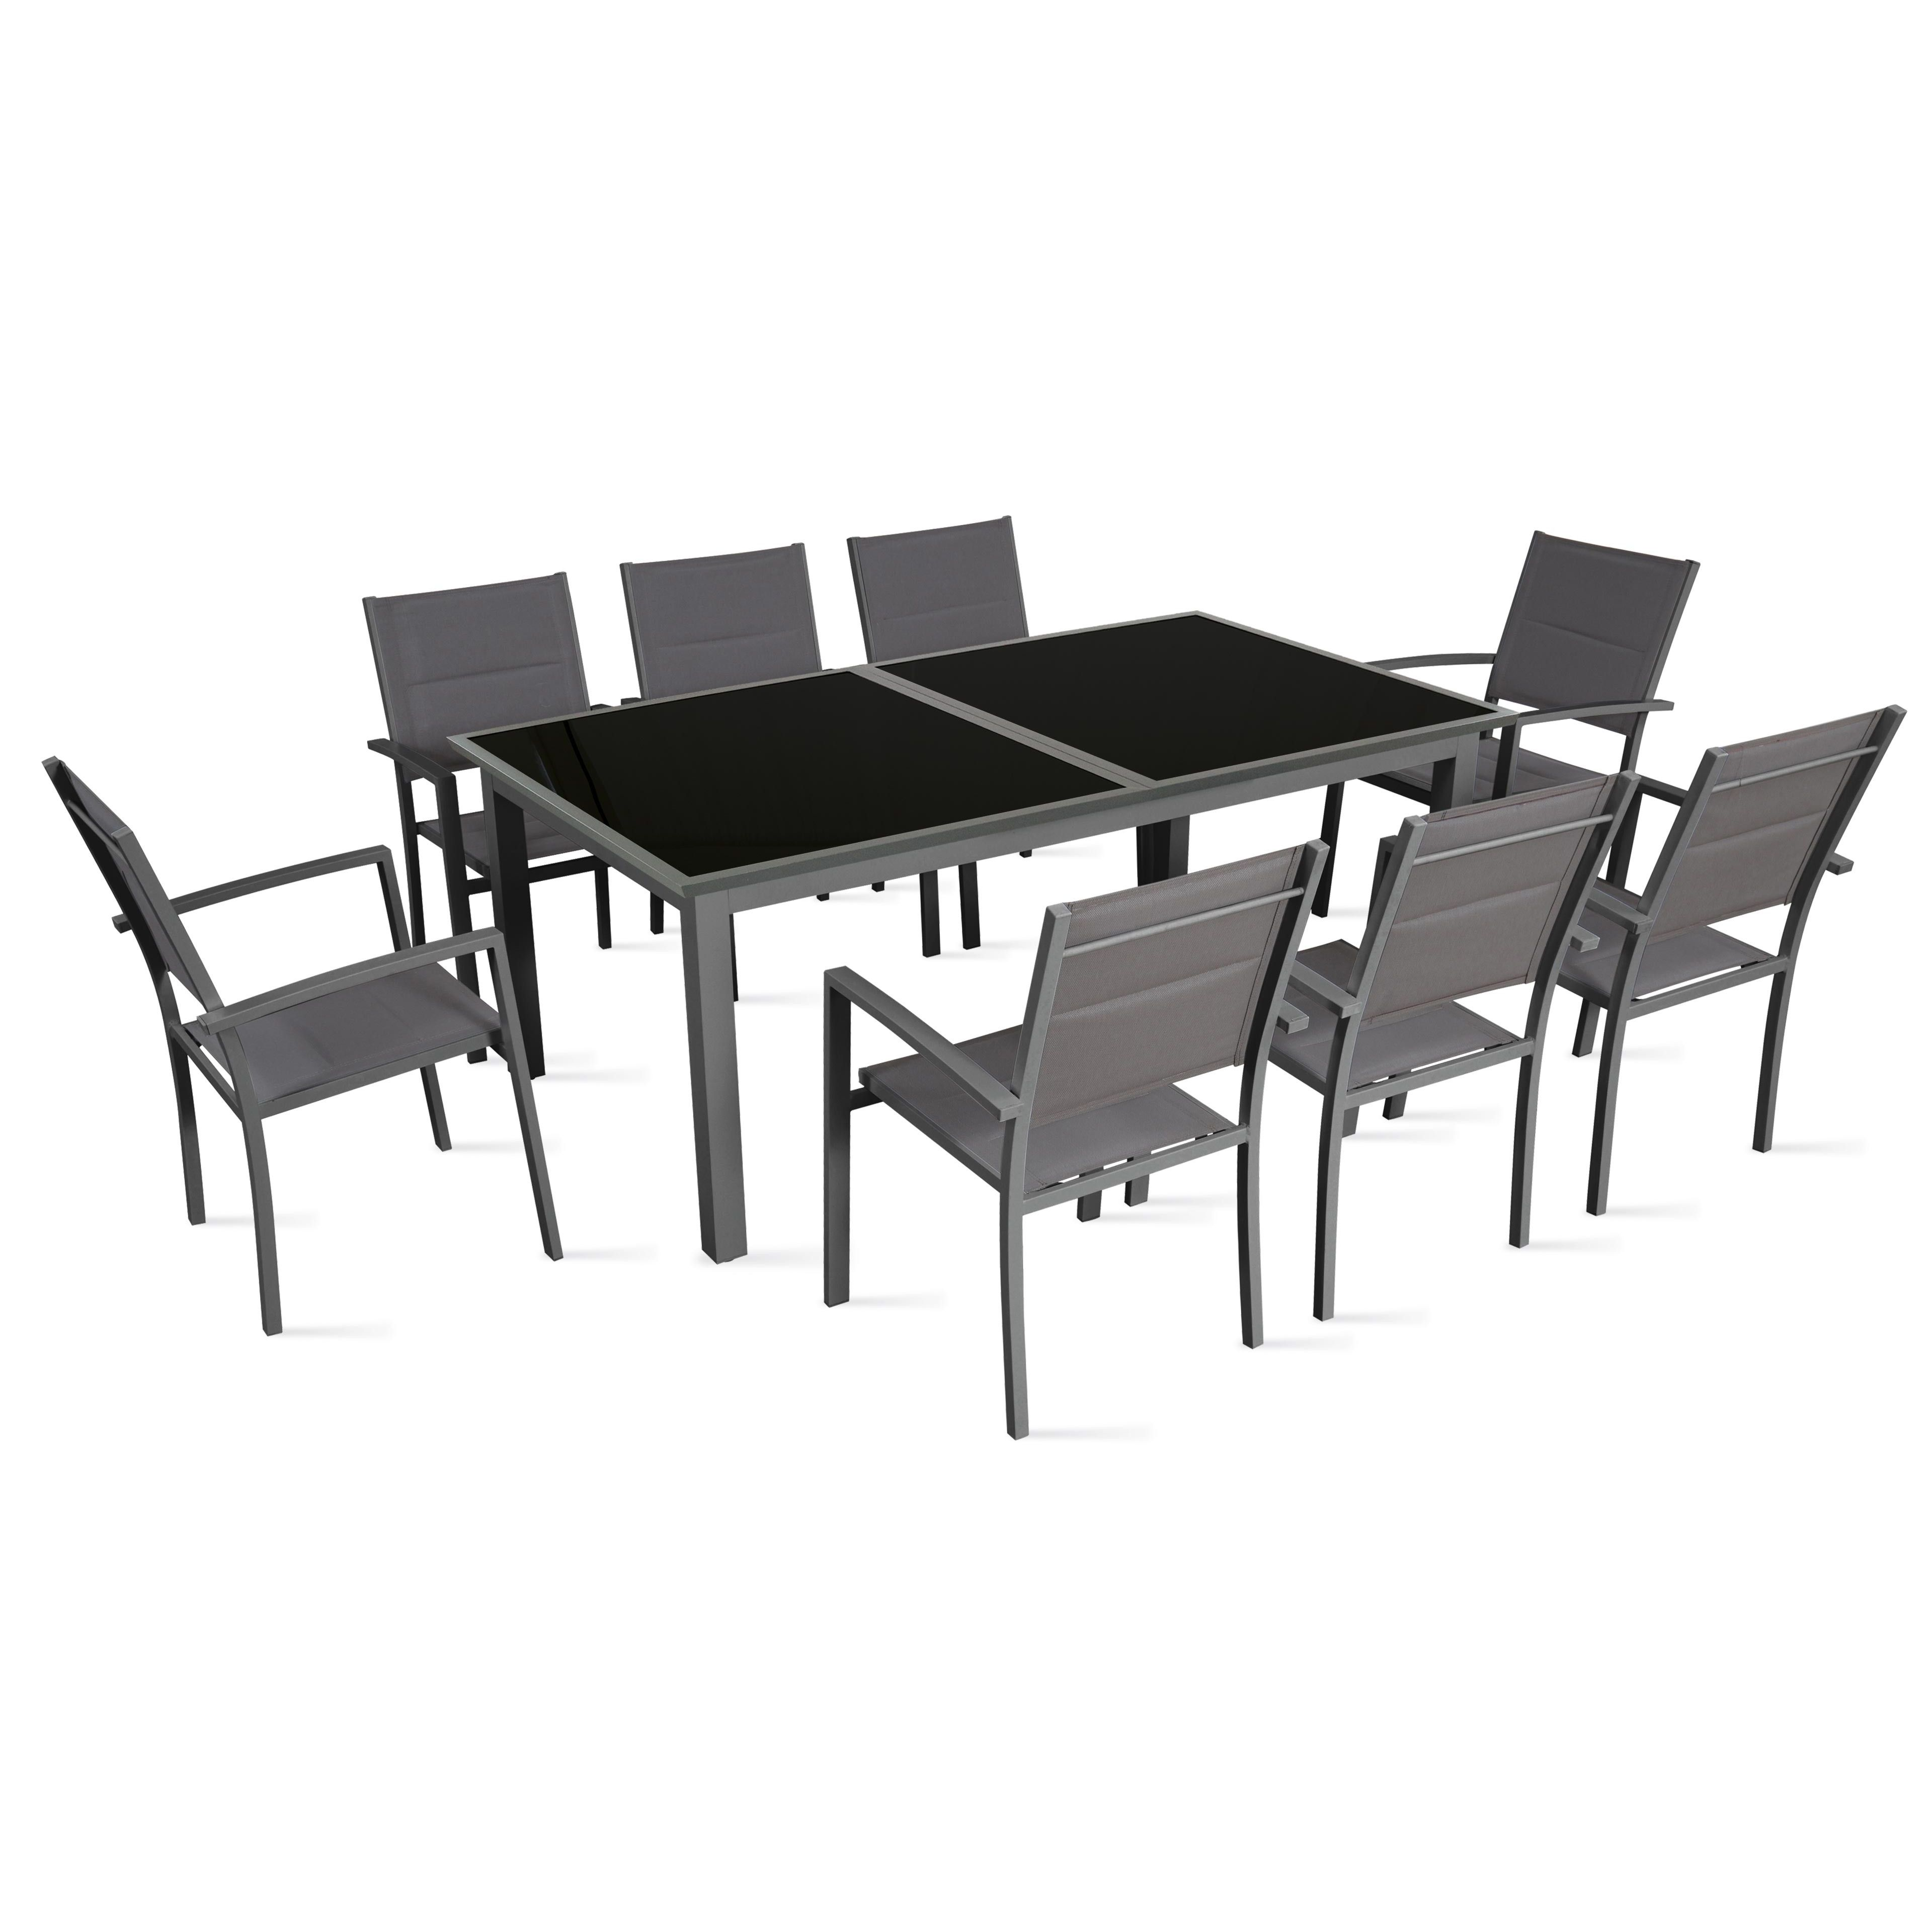 Table De Jardin 8 Places : table de jardin rallonge 8 places ~ Pogadajmy.info Styles, Décorations et Voitures